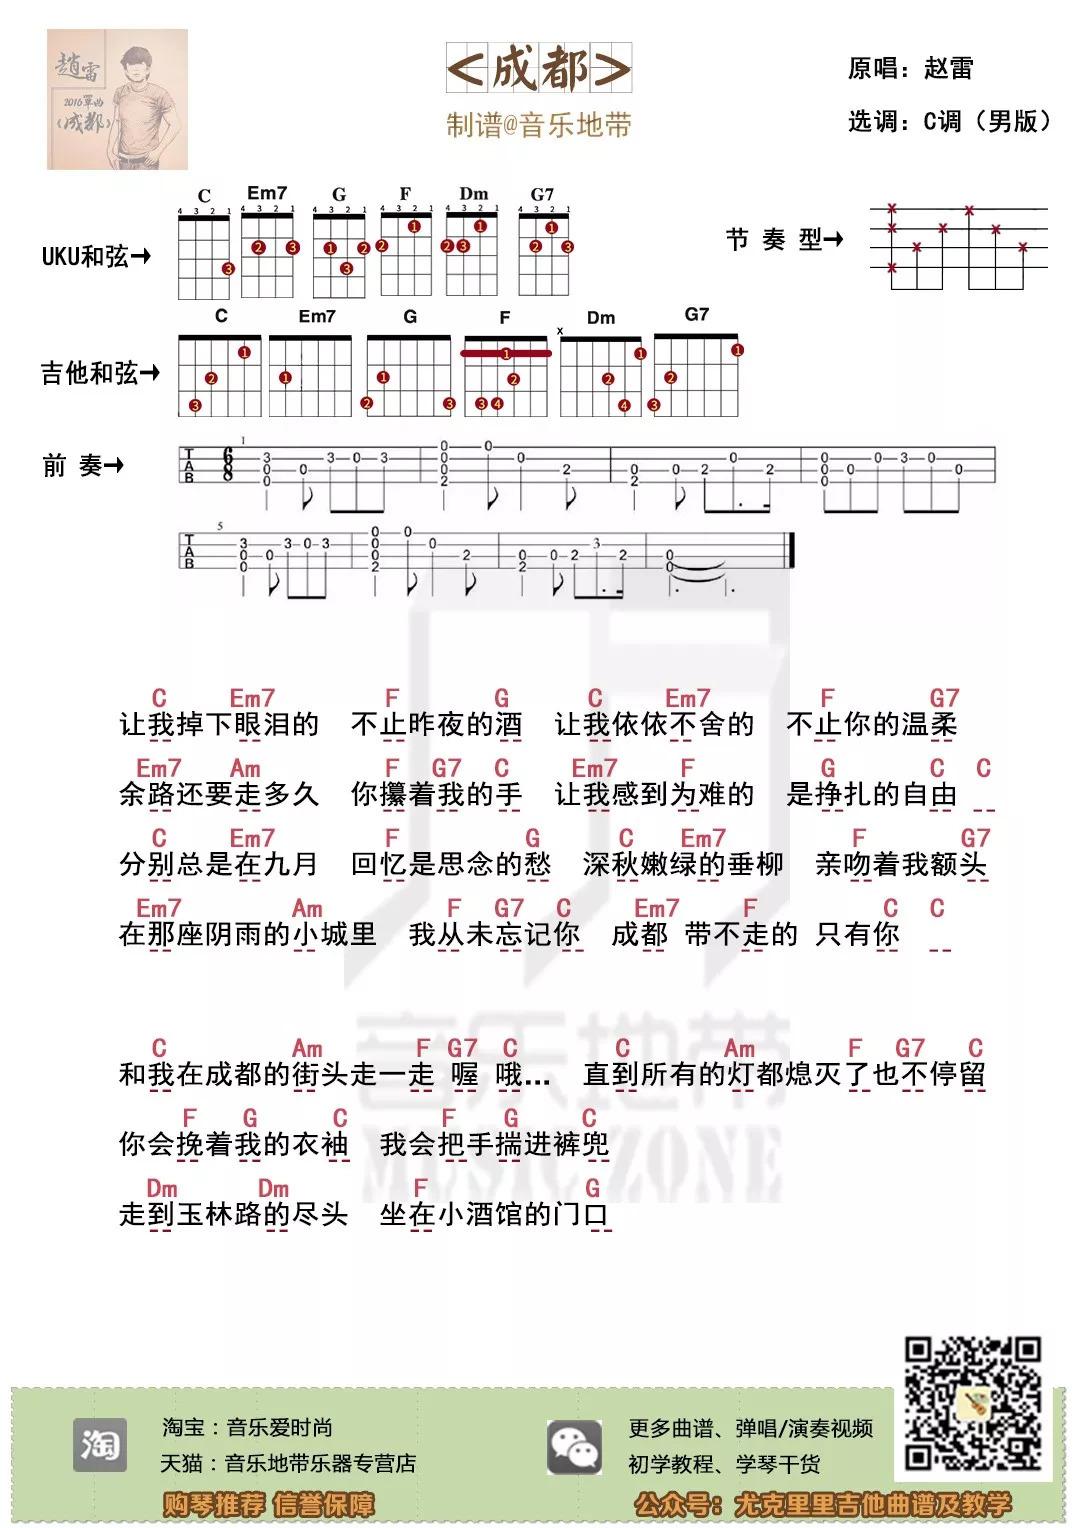 爱上一座城|弹唱视频《成都》·赵雷【男女版尤克里里吉他弹唱谱】